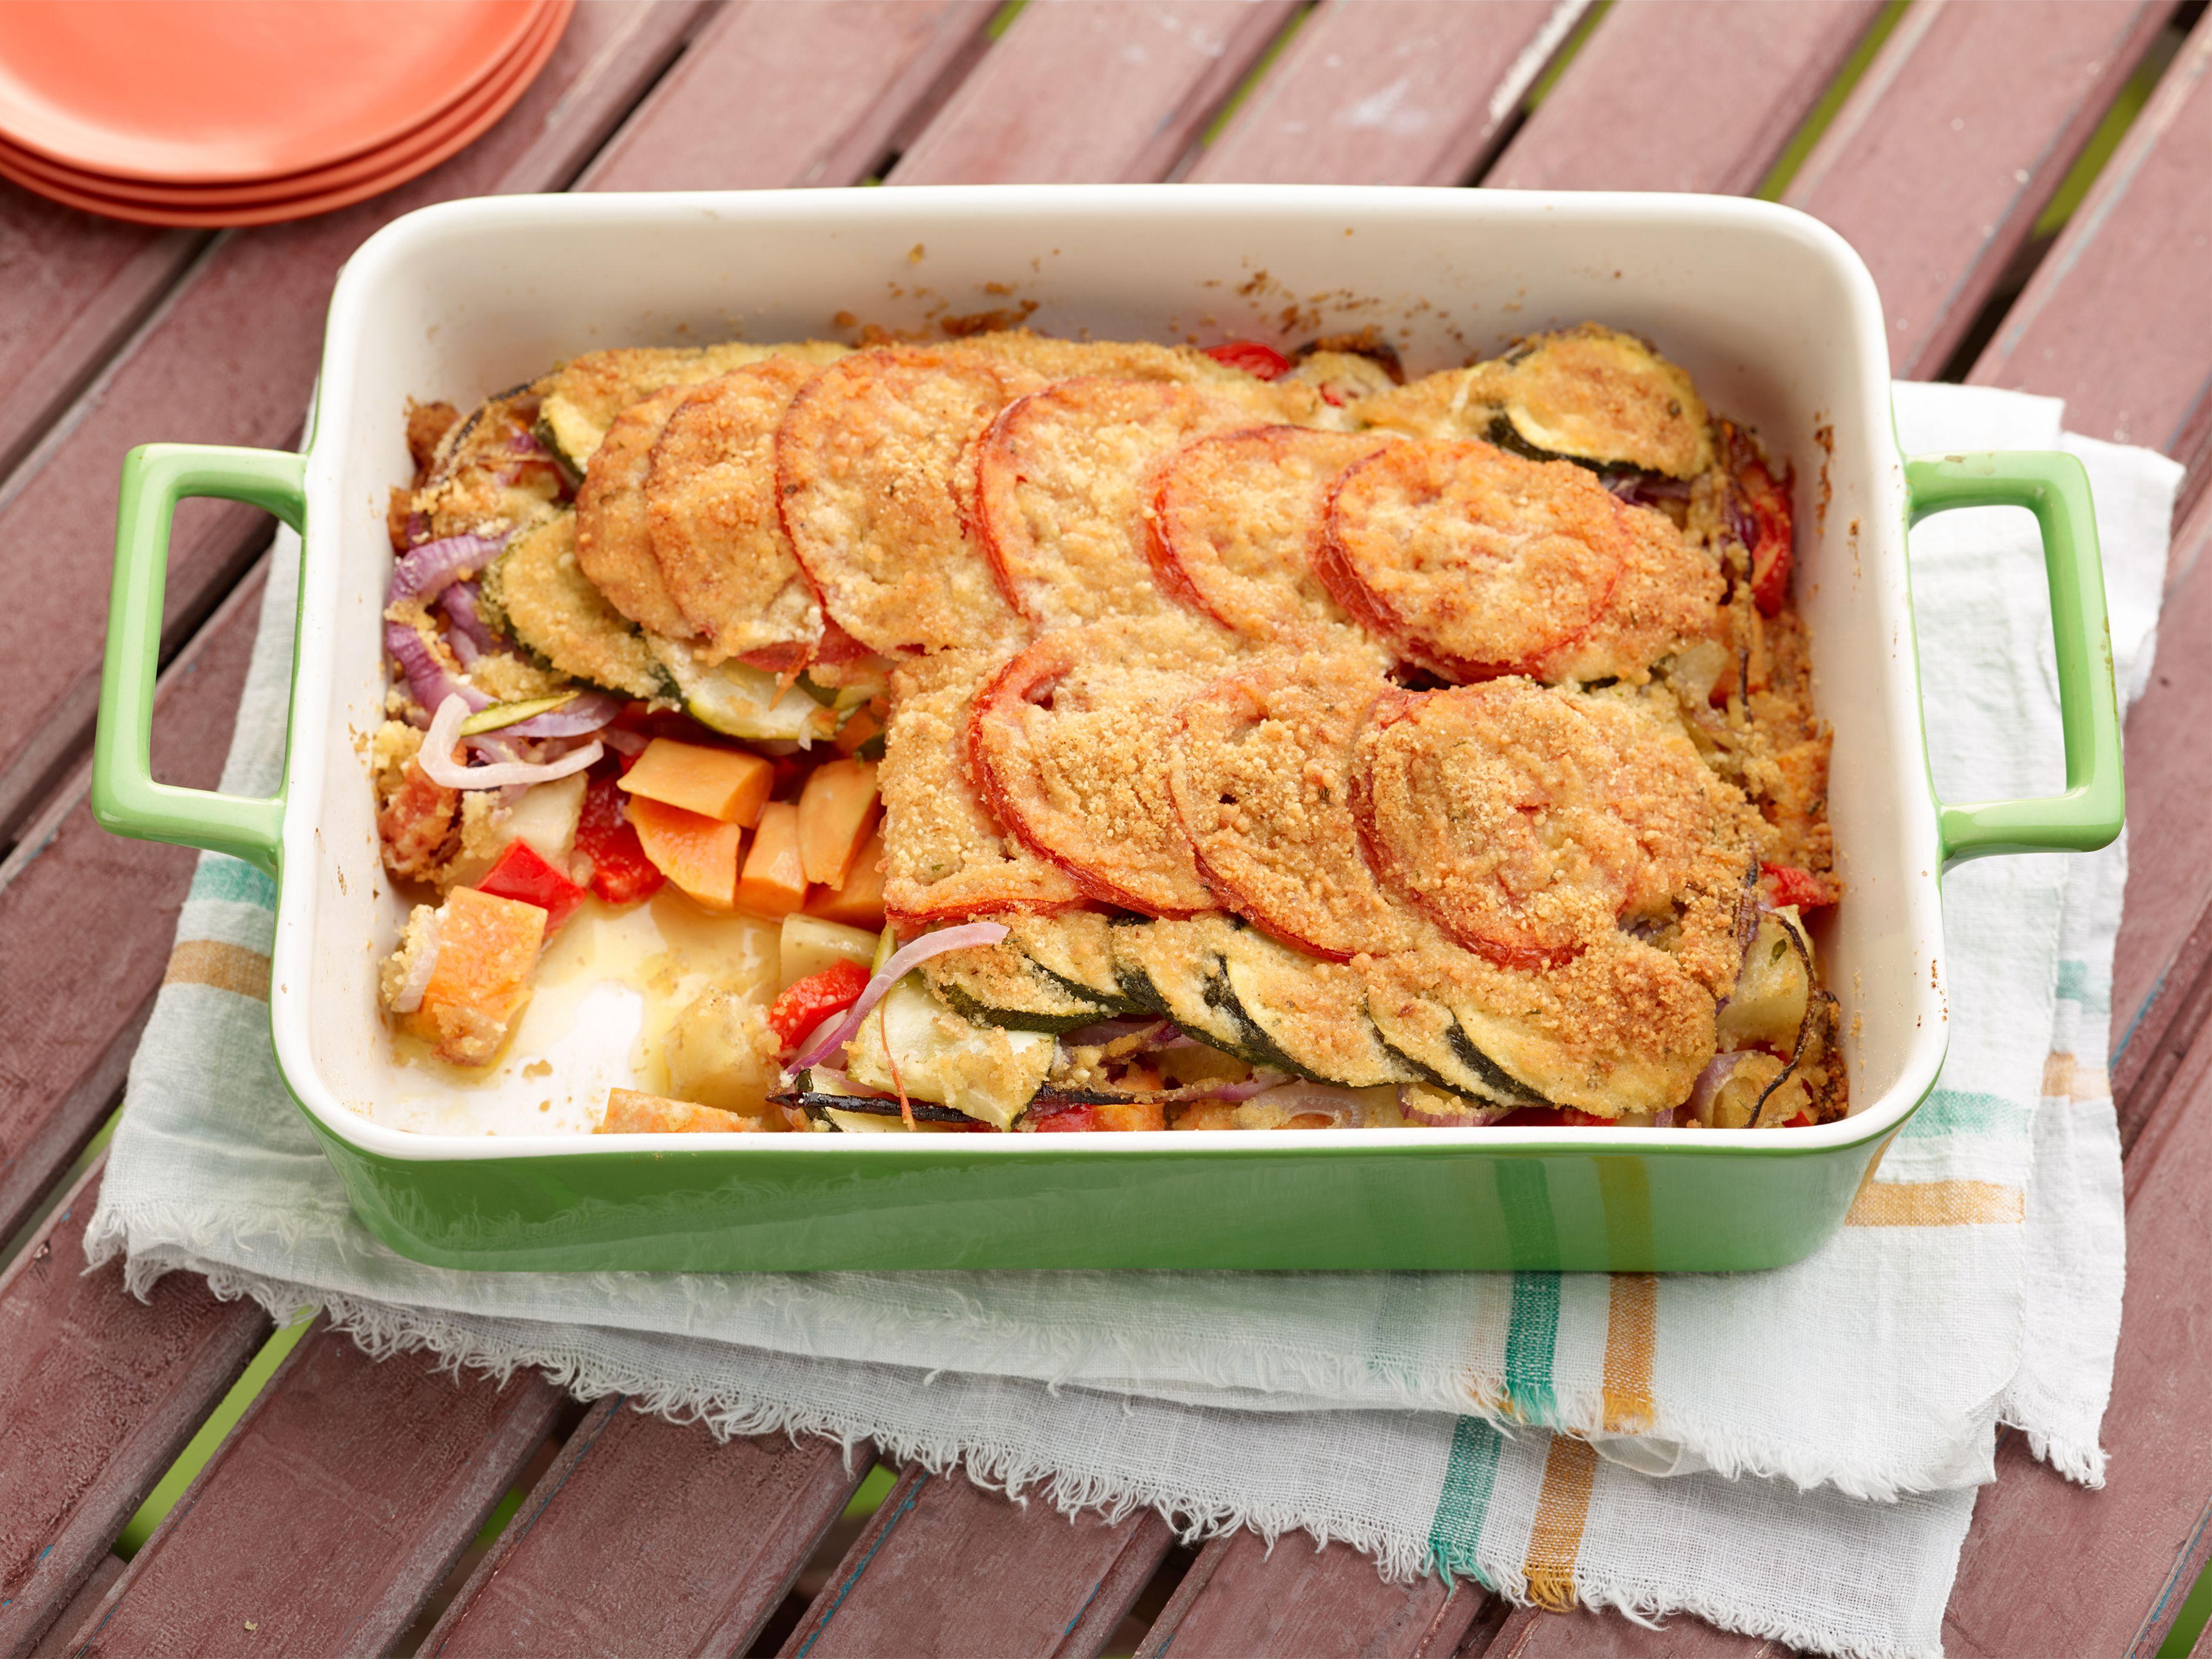 Summer vegetable recipes food network giada de laurentiis summer vegetable recipes food network forumfinder Images